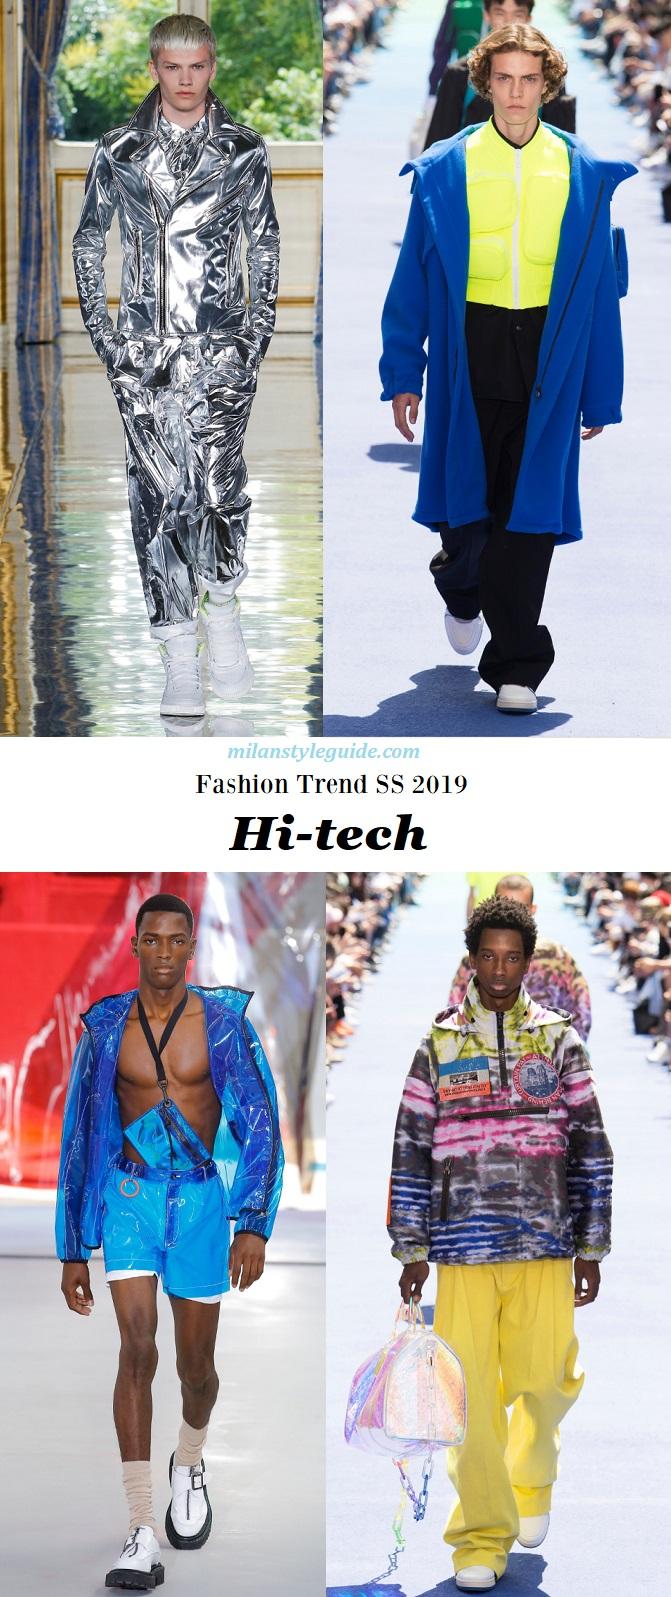 Модный в 2019 году графичный принт графика рекомендации